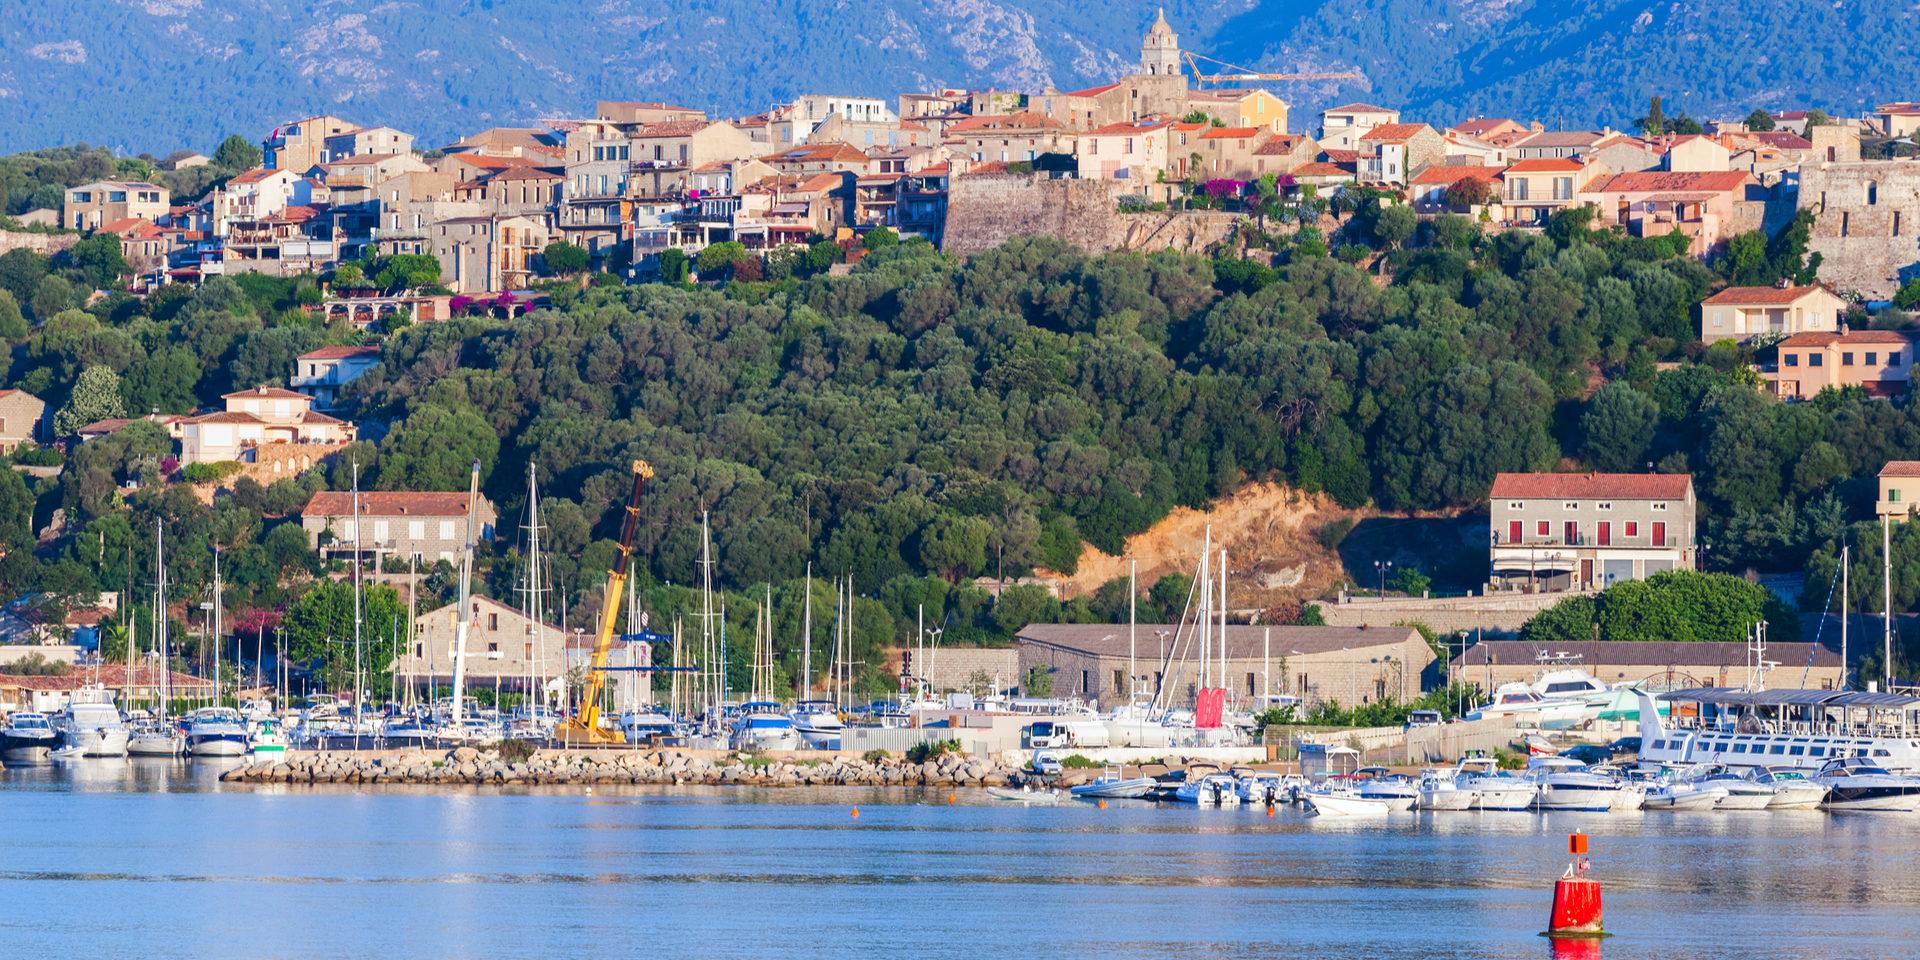 Porto-Vecchio Corsica Corse-du-Sud Frankrijk